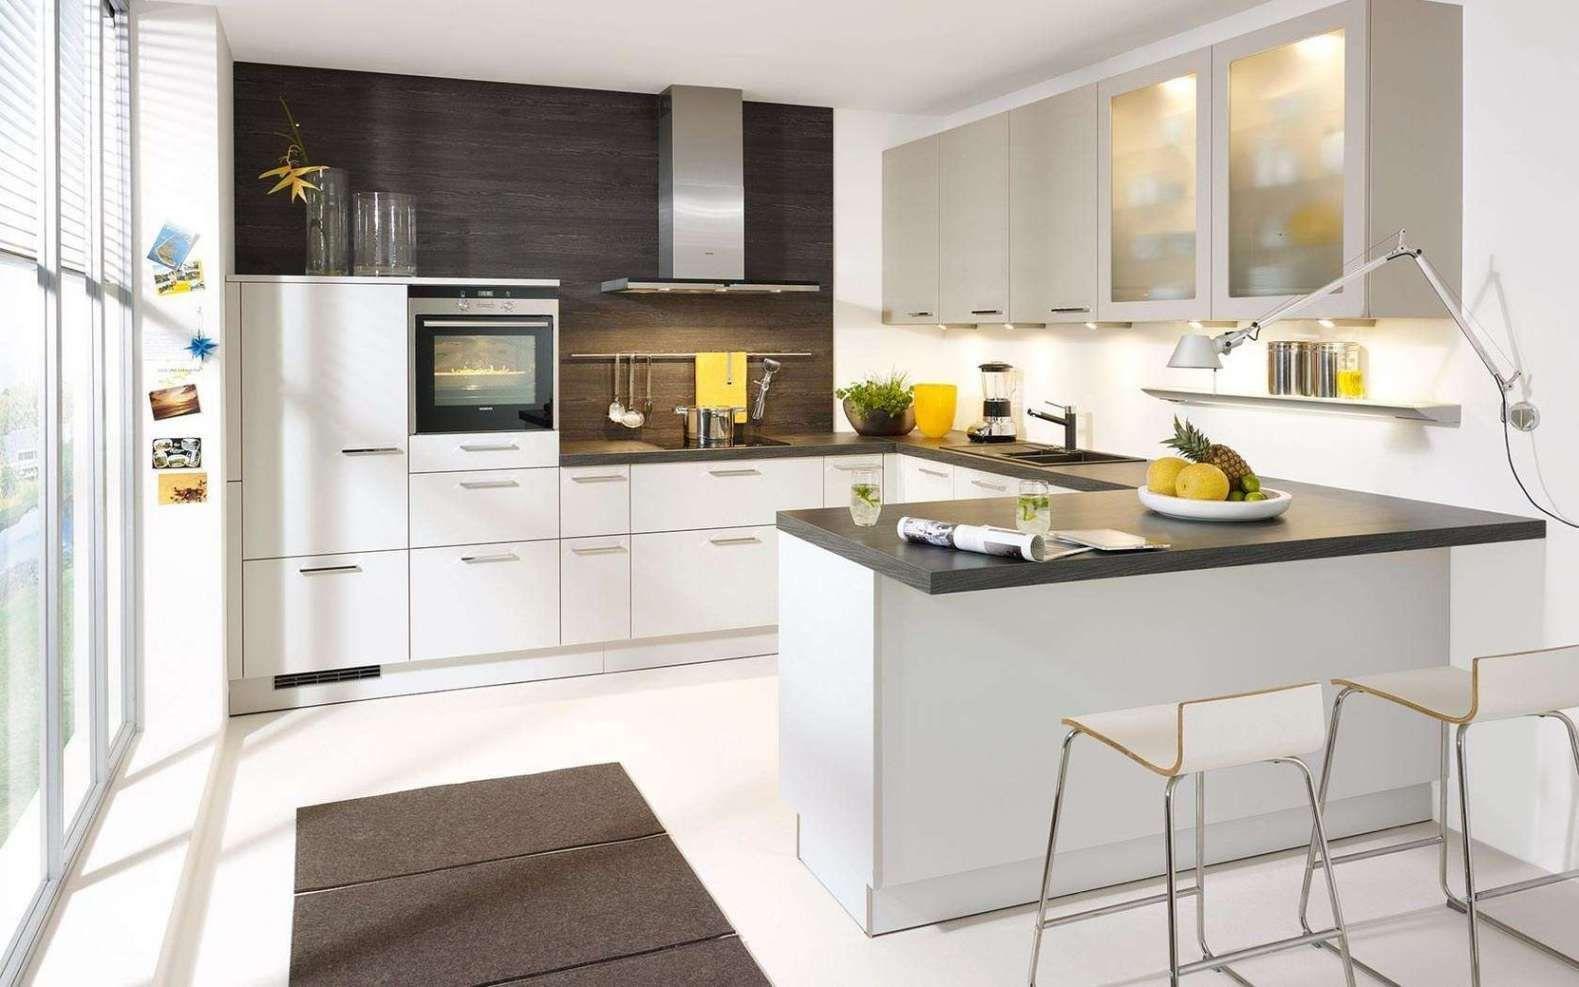 Mehr 6 Fantastisch Kleine Küche UForm Mit Theke Tisch